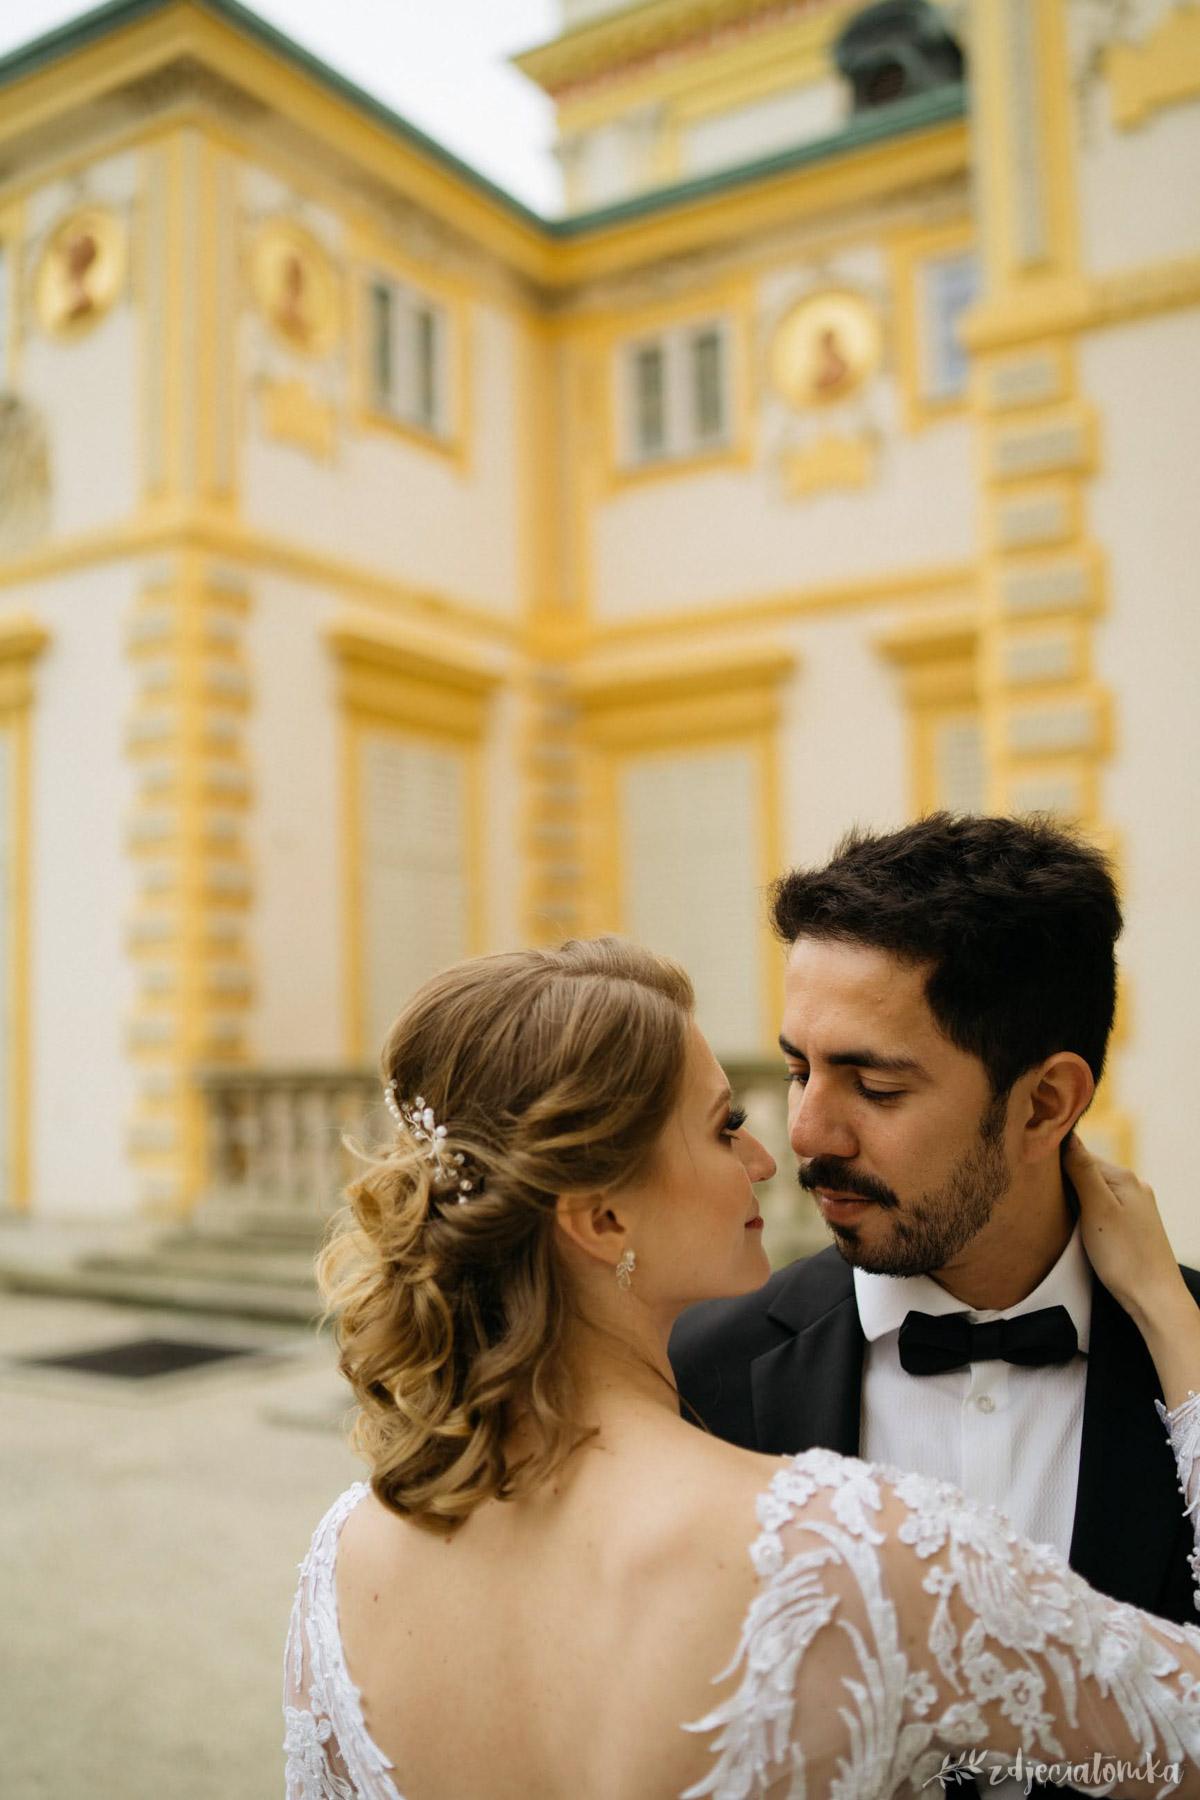 wesele polsko-brazylijskie sesja ślubna w wilanowie w ogrodach wilanowskich para sesja poślubna plener fotograficzny fotograf warszawa łódź sesja po ślubie zakochani bliskość